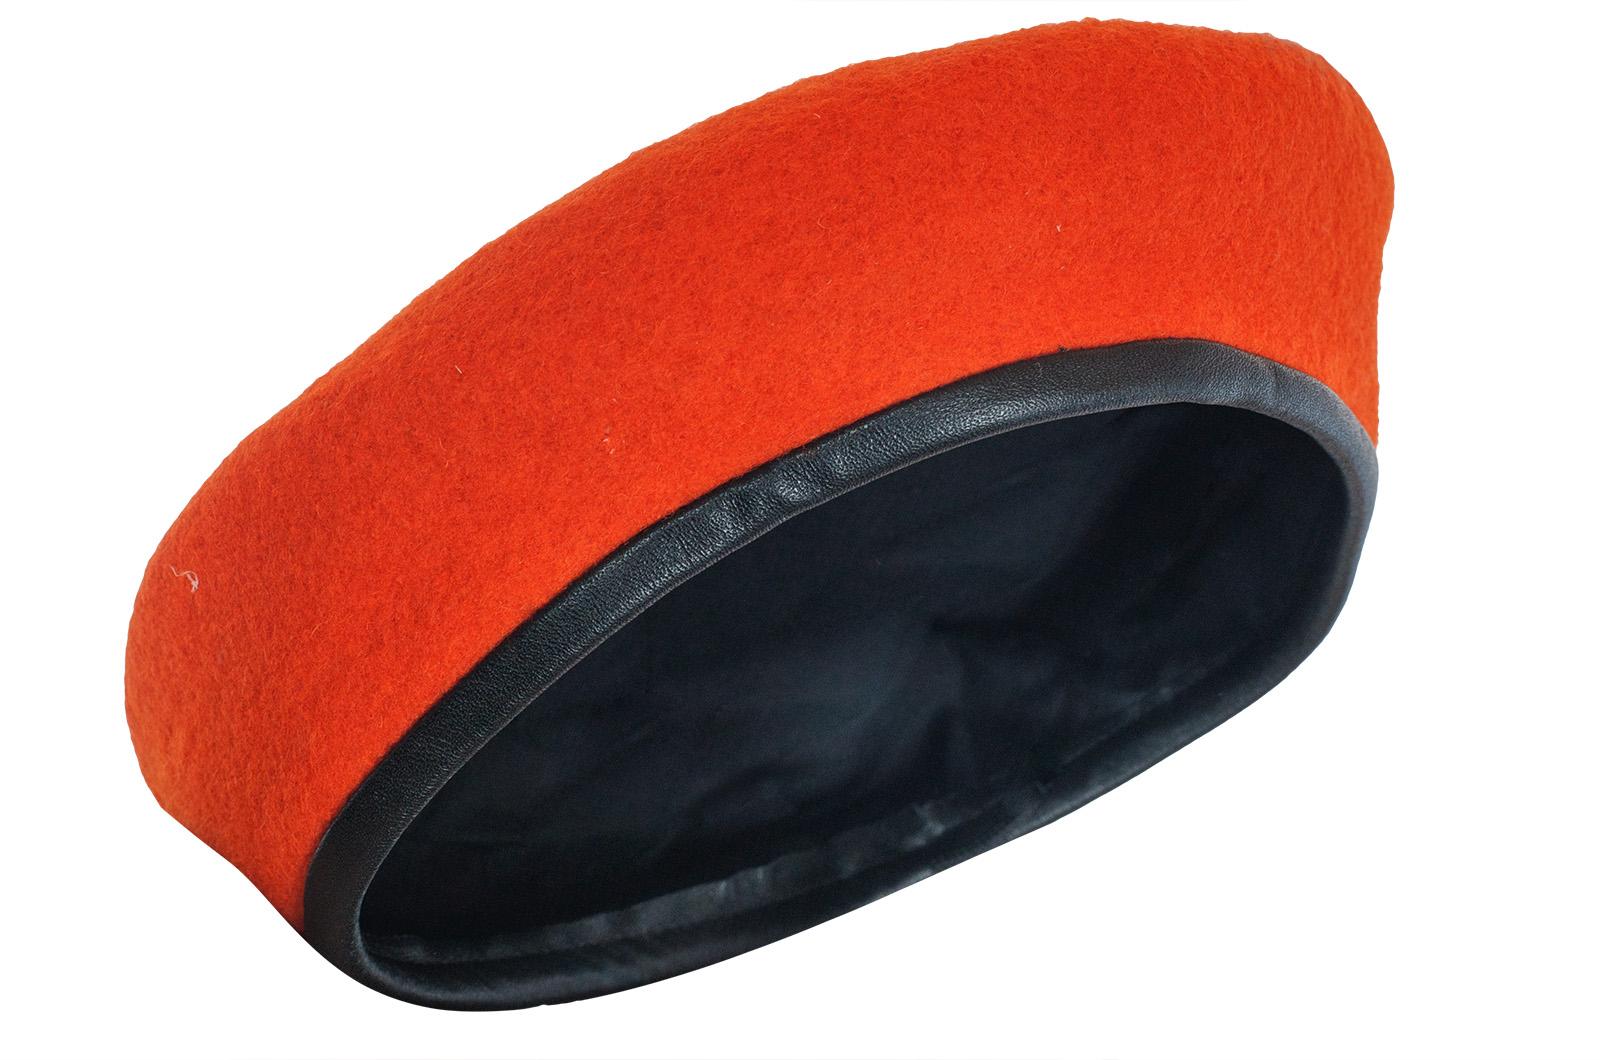 Оранжевый берет МЧС от производителя | Купить фетровые шерстяные береты МЧС оптом и в розницу по низкой цене